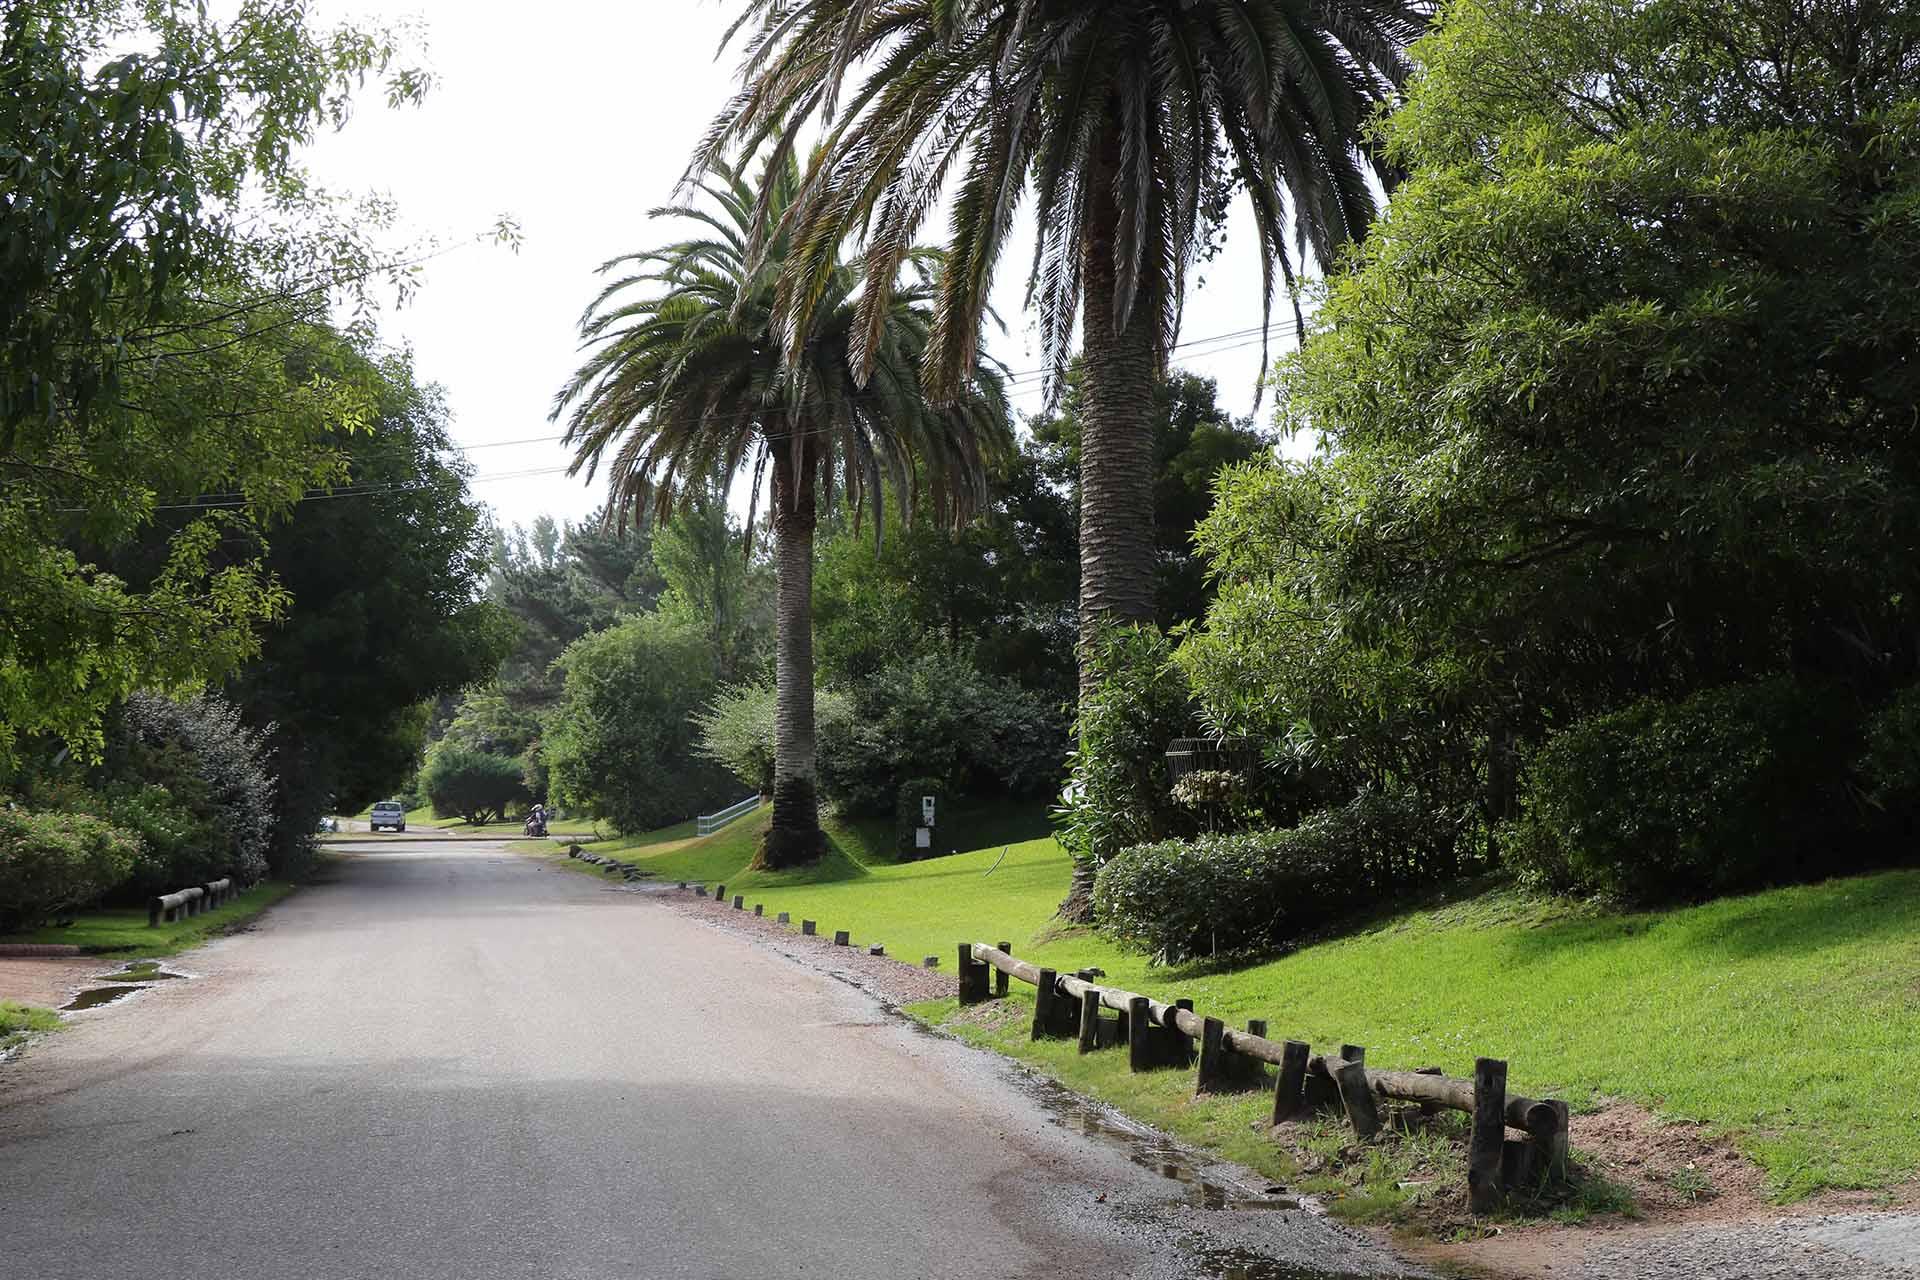 Las calles tranquilas y rodeada de vegetación crean una atmósfera de tranquilidad y paz.